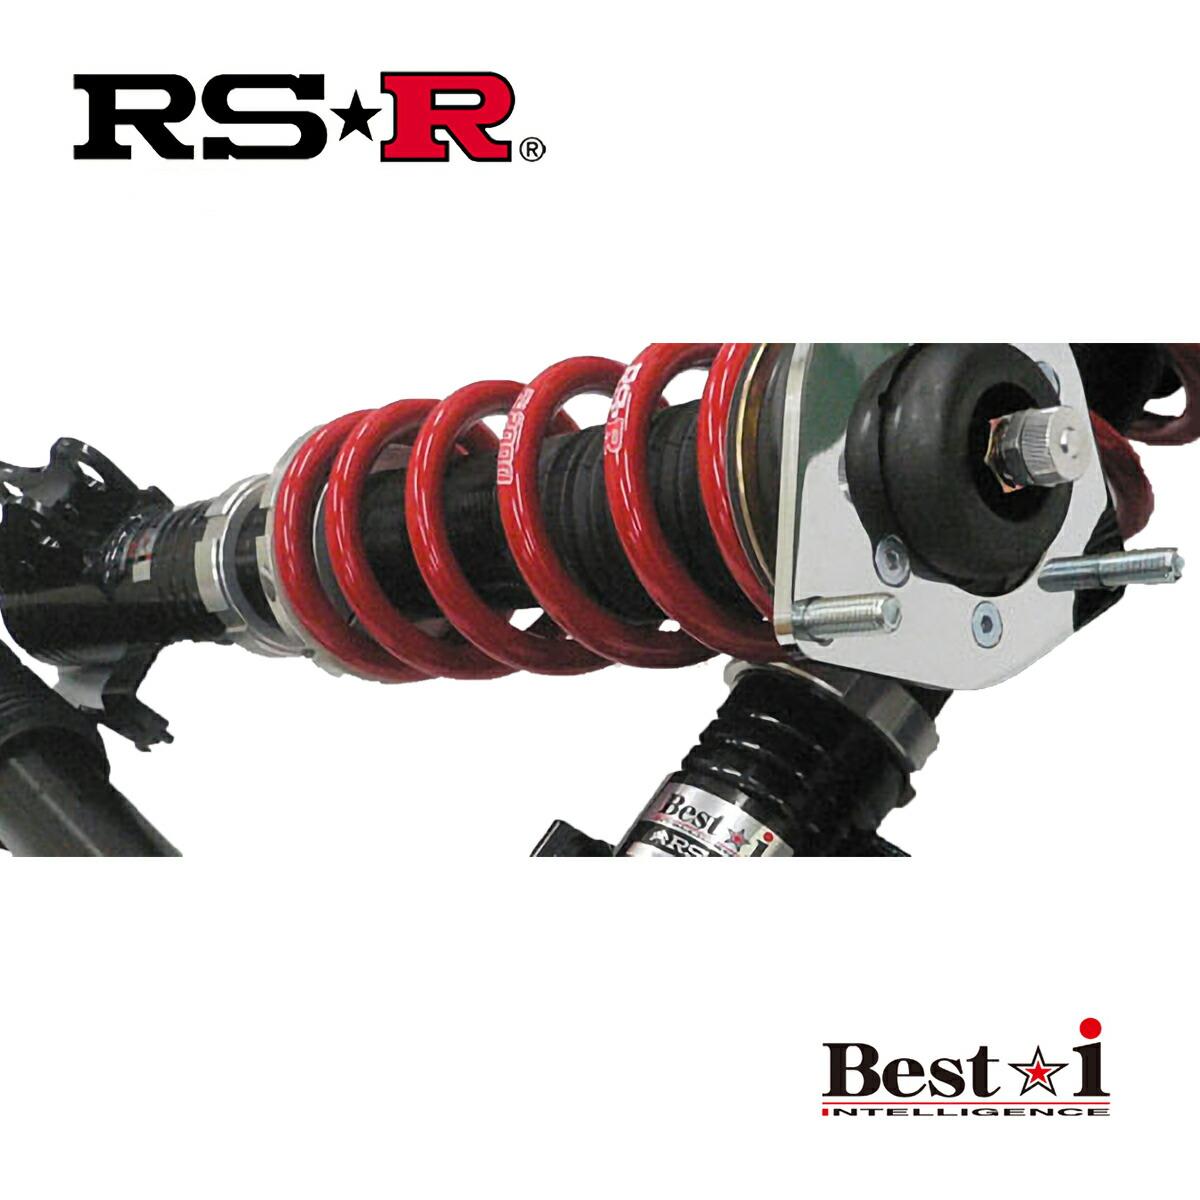 RS-R ヴォクシー 全グレード装着可 ZRR75W 車高調 推奨仕様商品コード:BIT667M ソフト仕様商品コード:BIT667S ハード仕様商品コード:BIT667H RSR 個人宅発送追金有